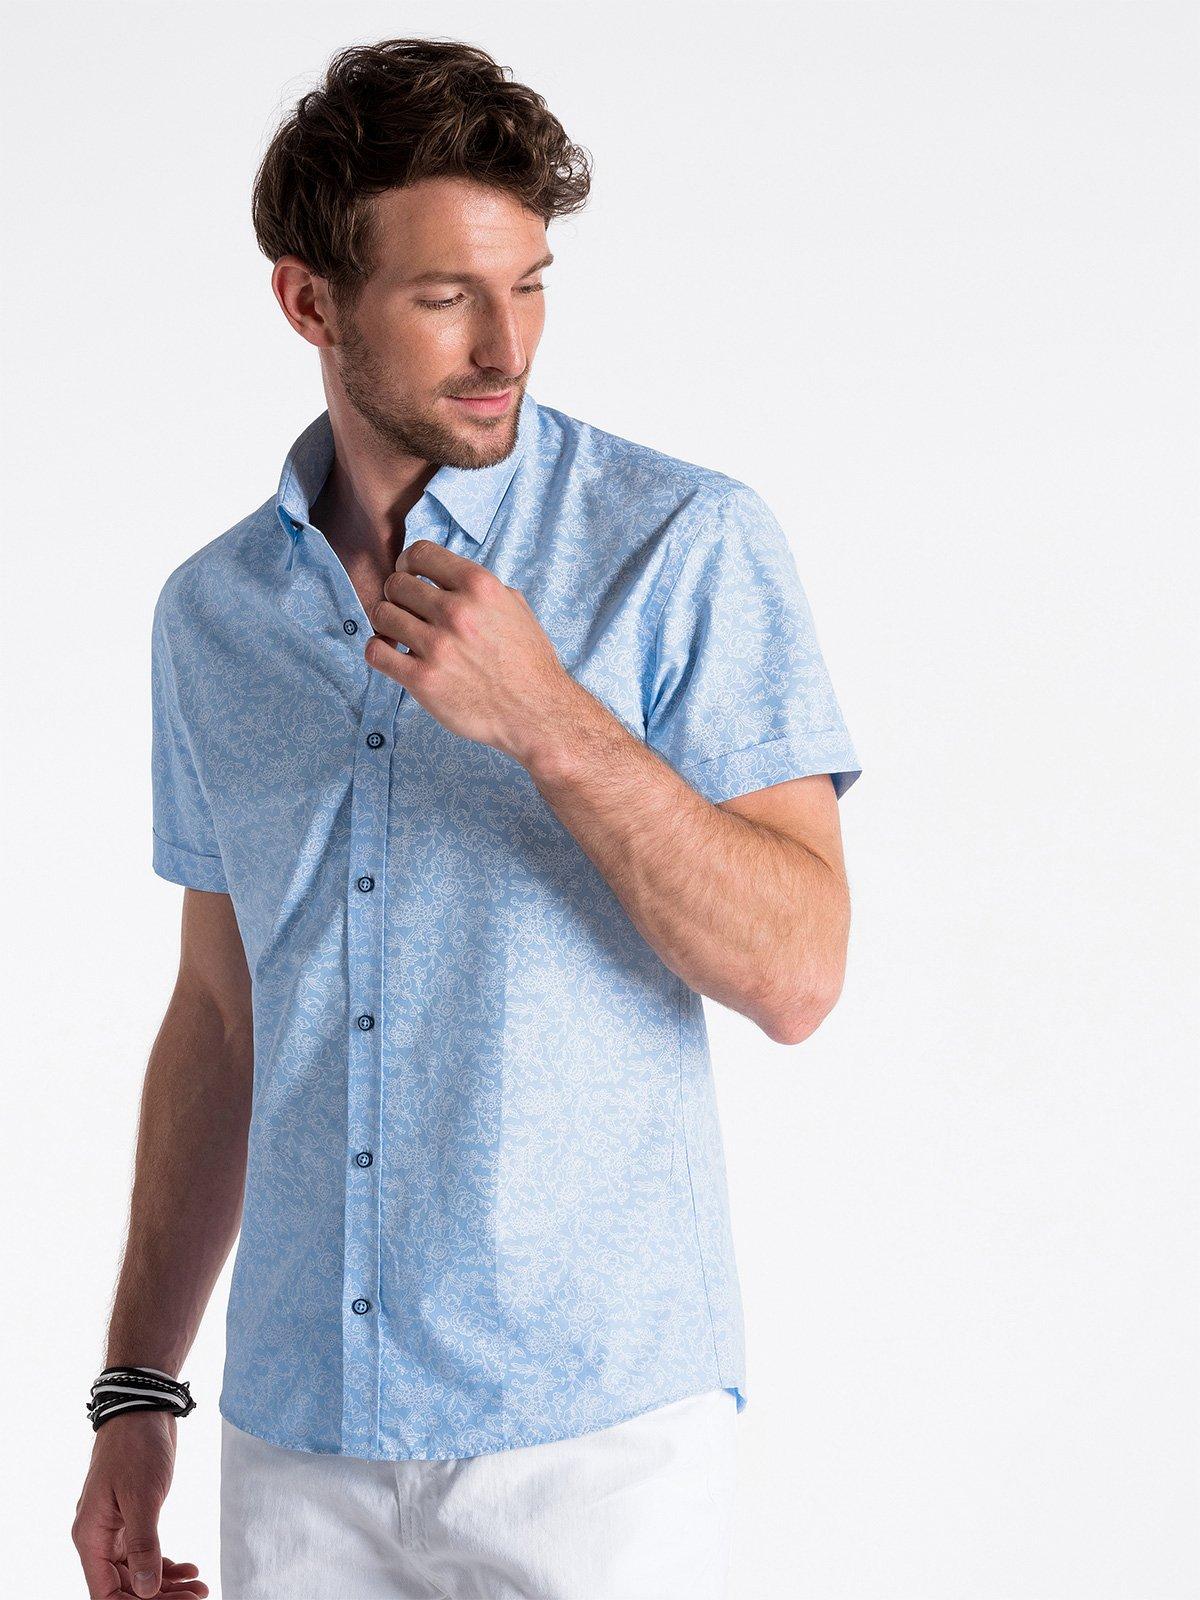 Koszula męska z krótkim rękawem K474 - niebieska/biała